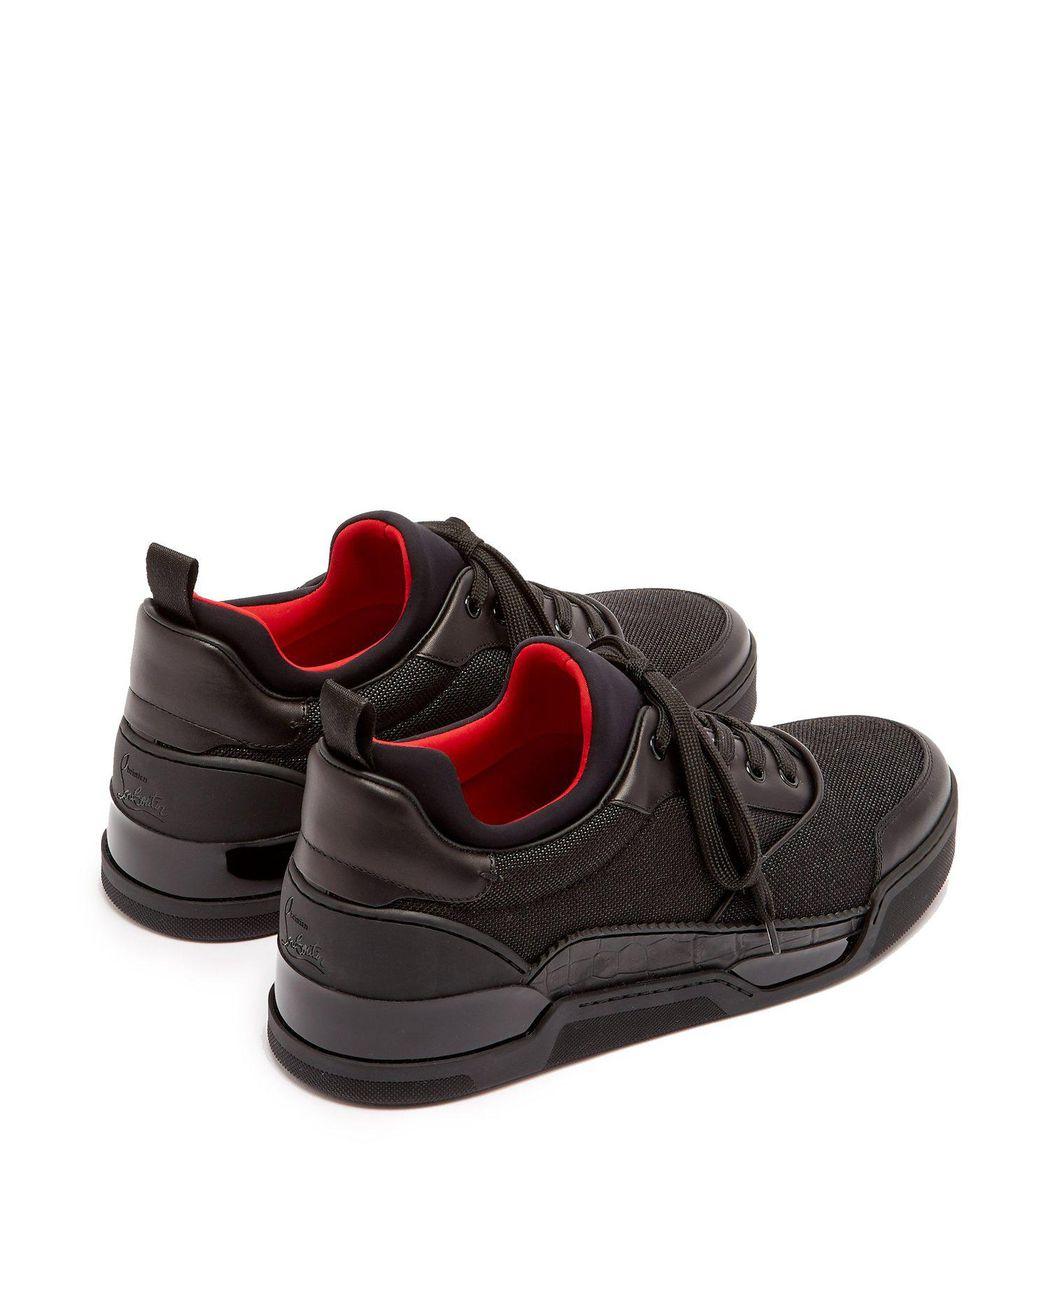 newest d4590 7cb3f Men's Black Aurelien Low Top Leather Sneakers